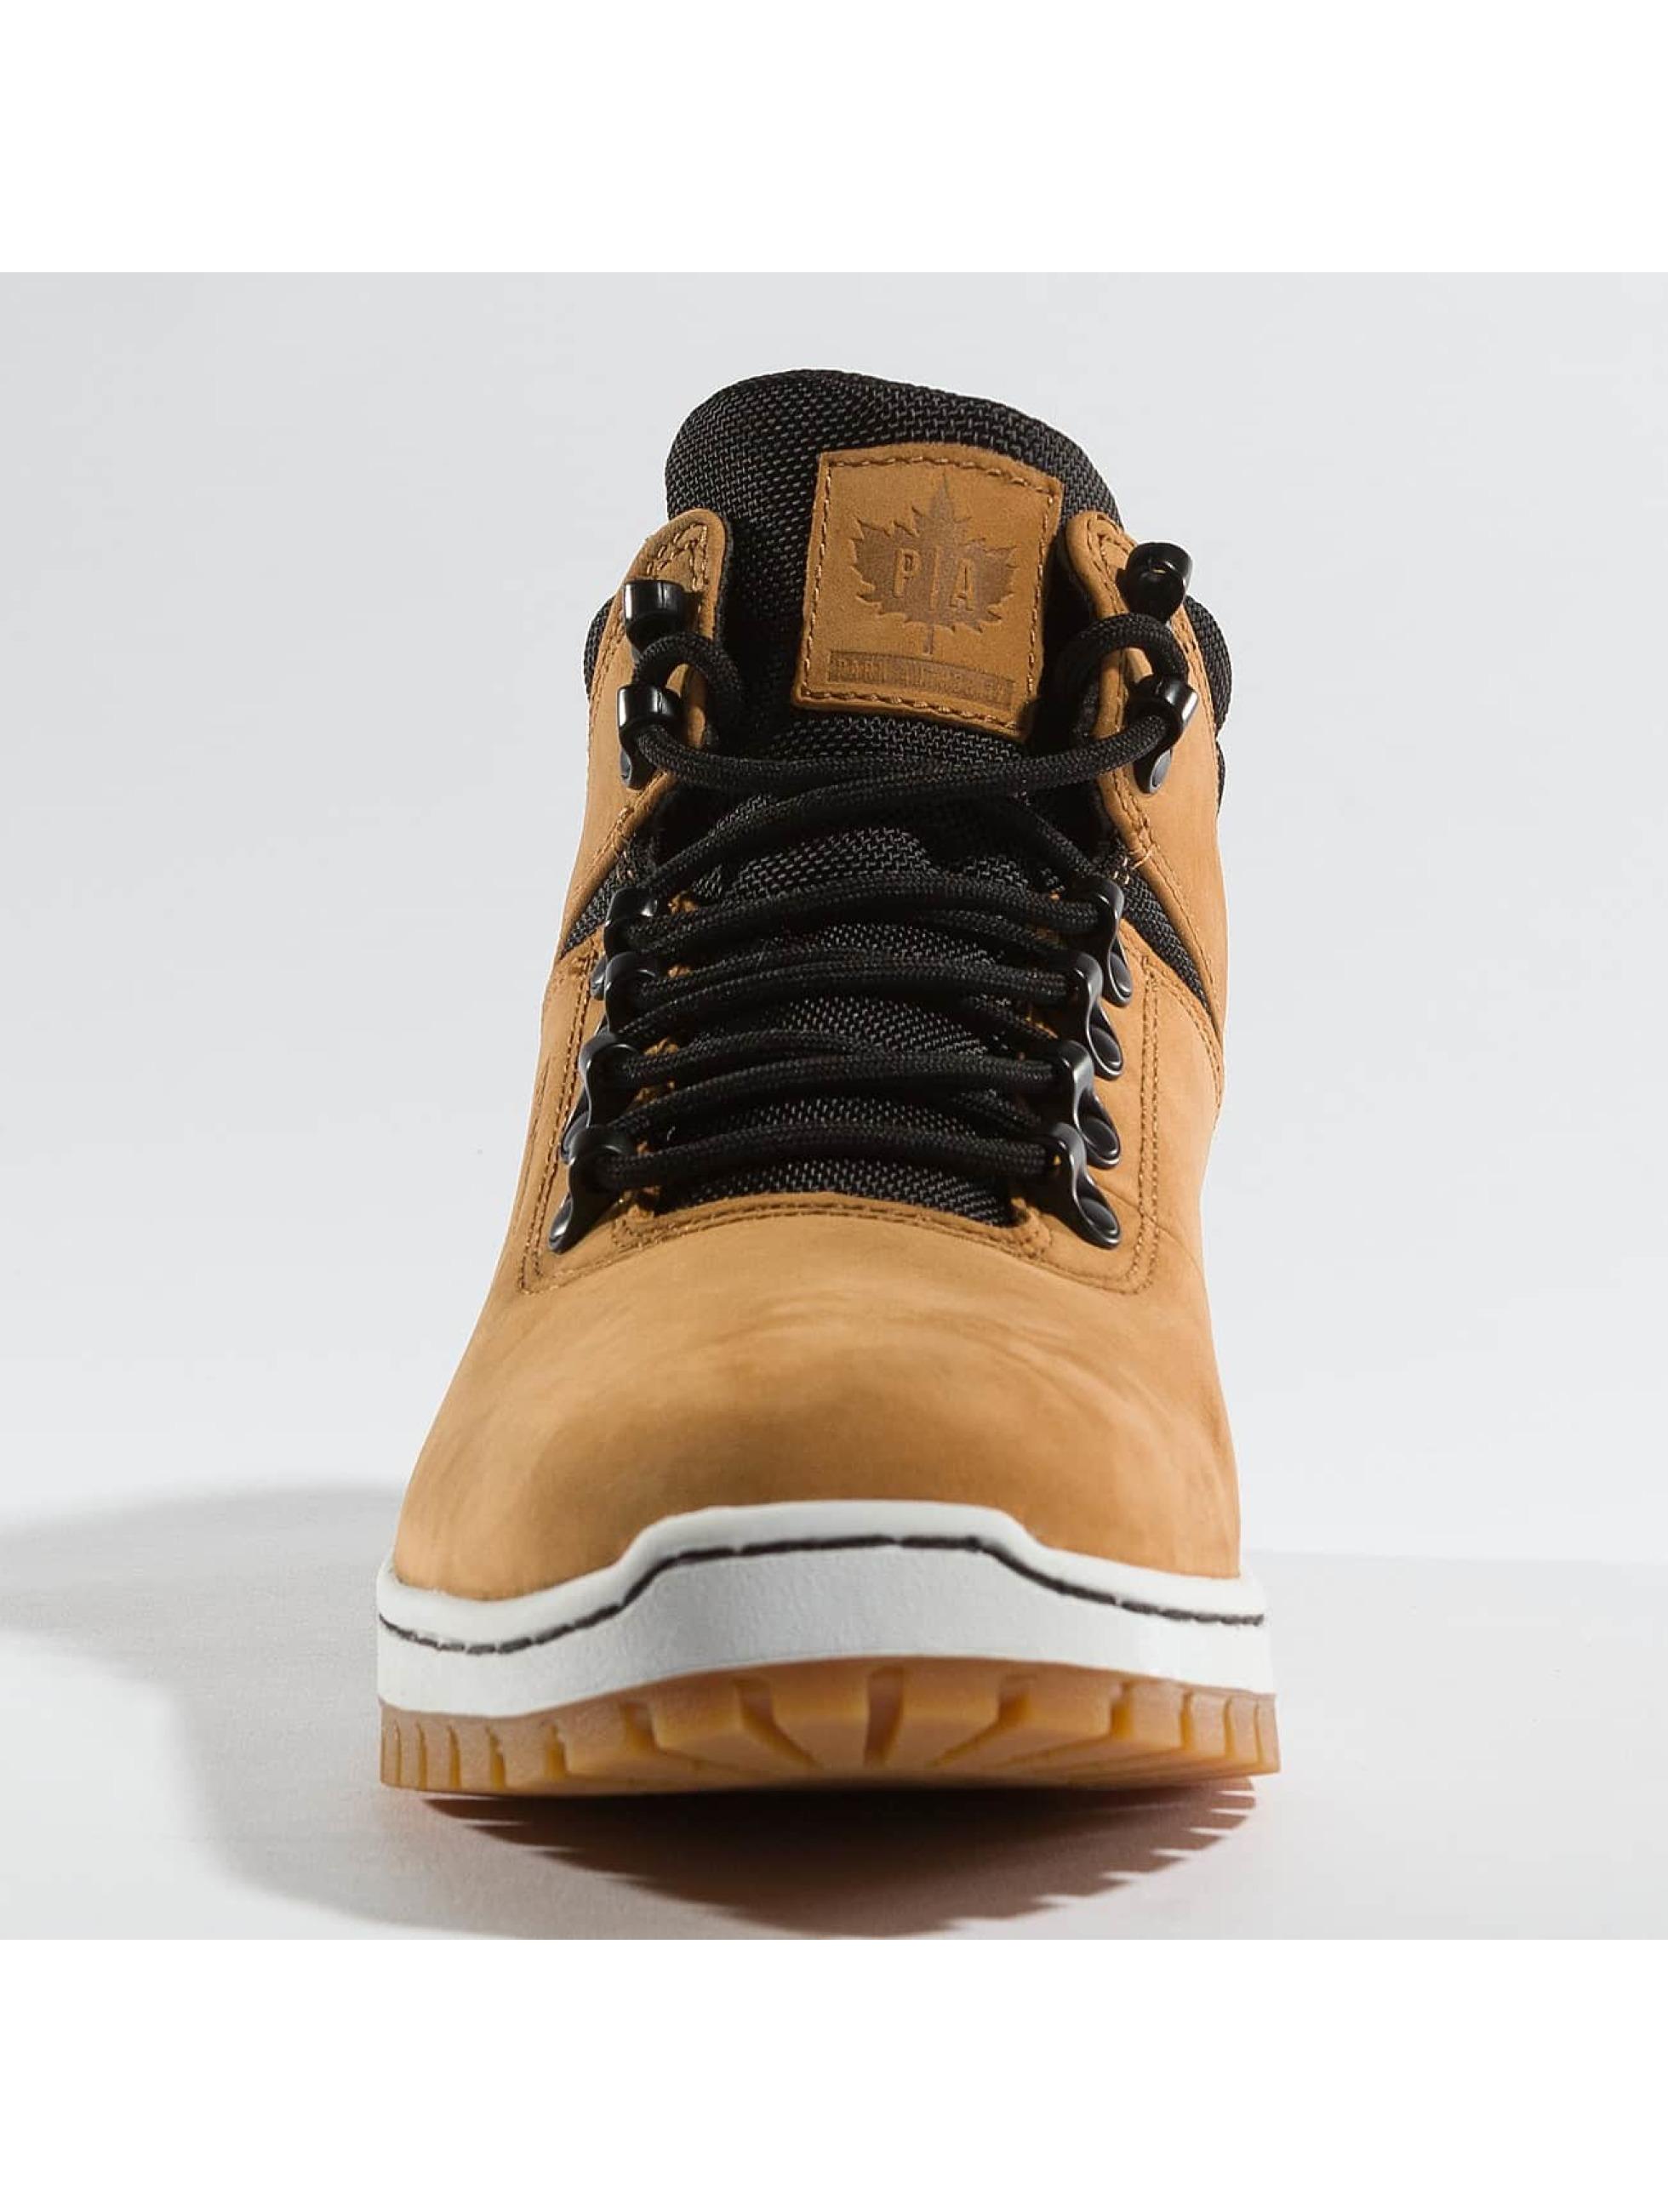 K1X Vapaa-ajan kengät H1ke Territory ruskea